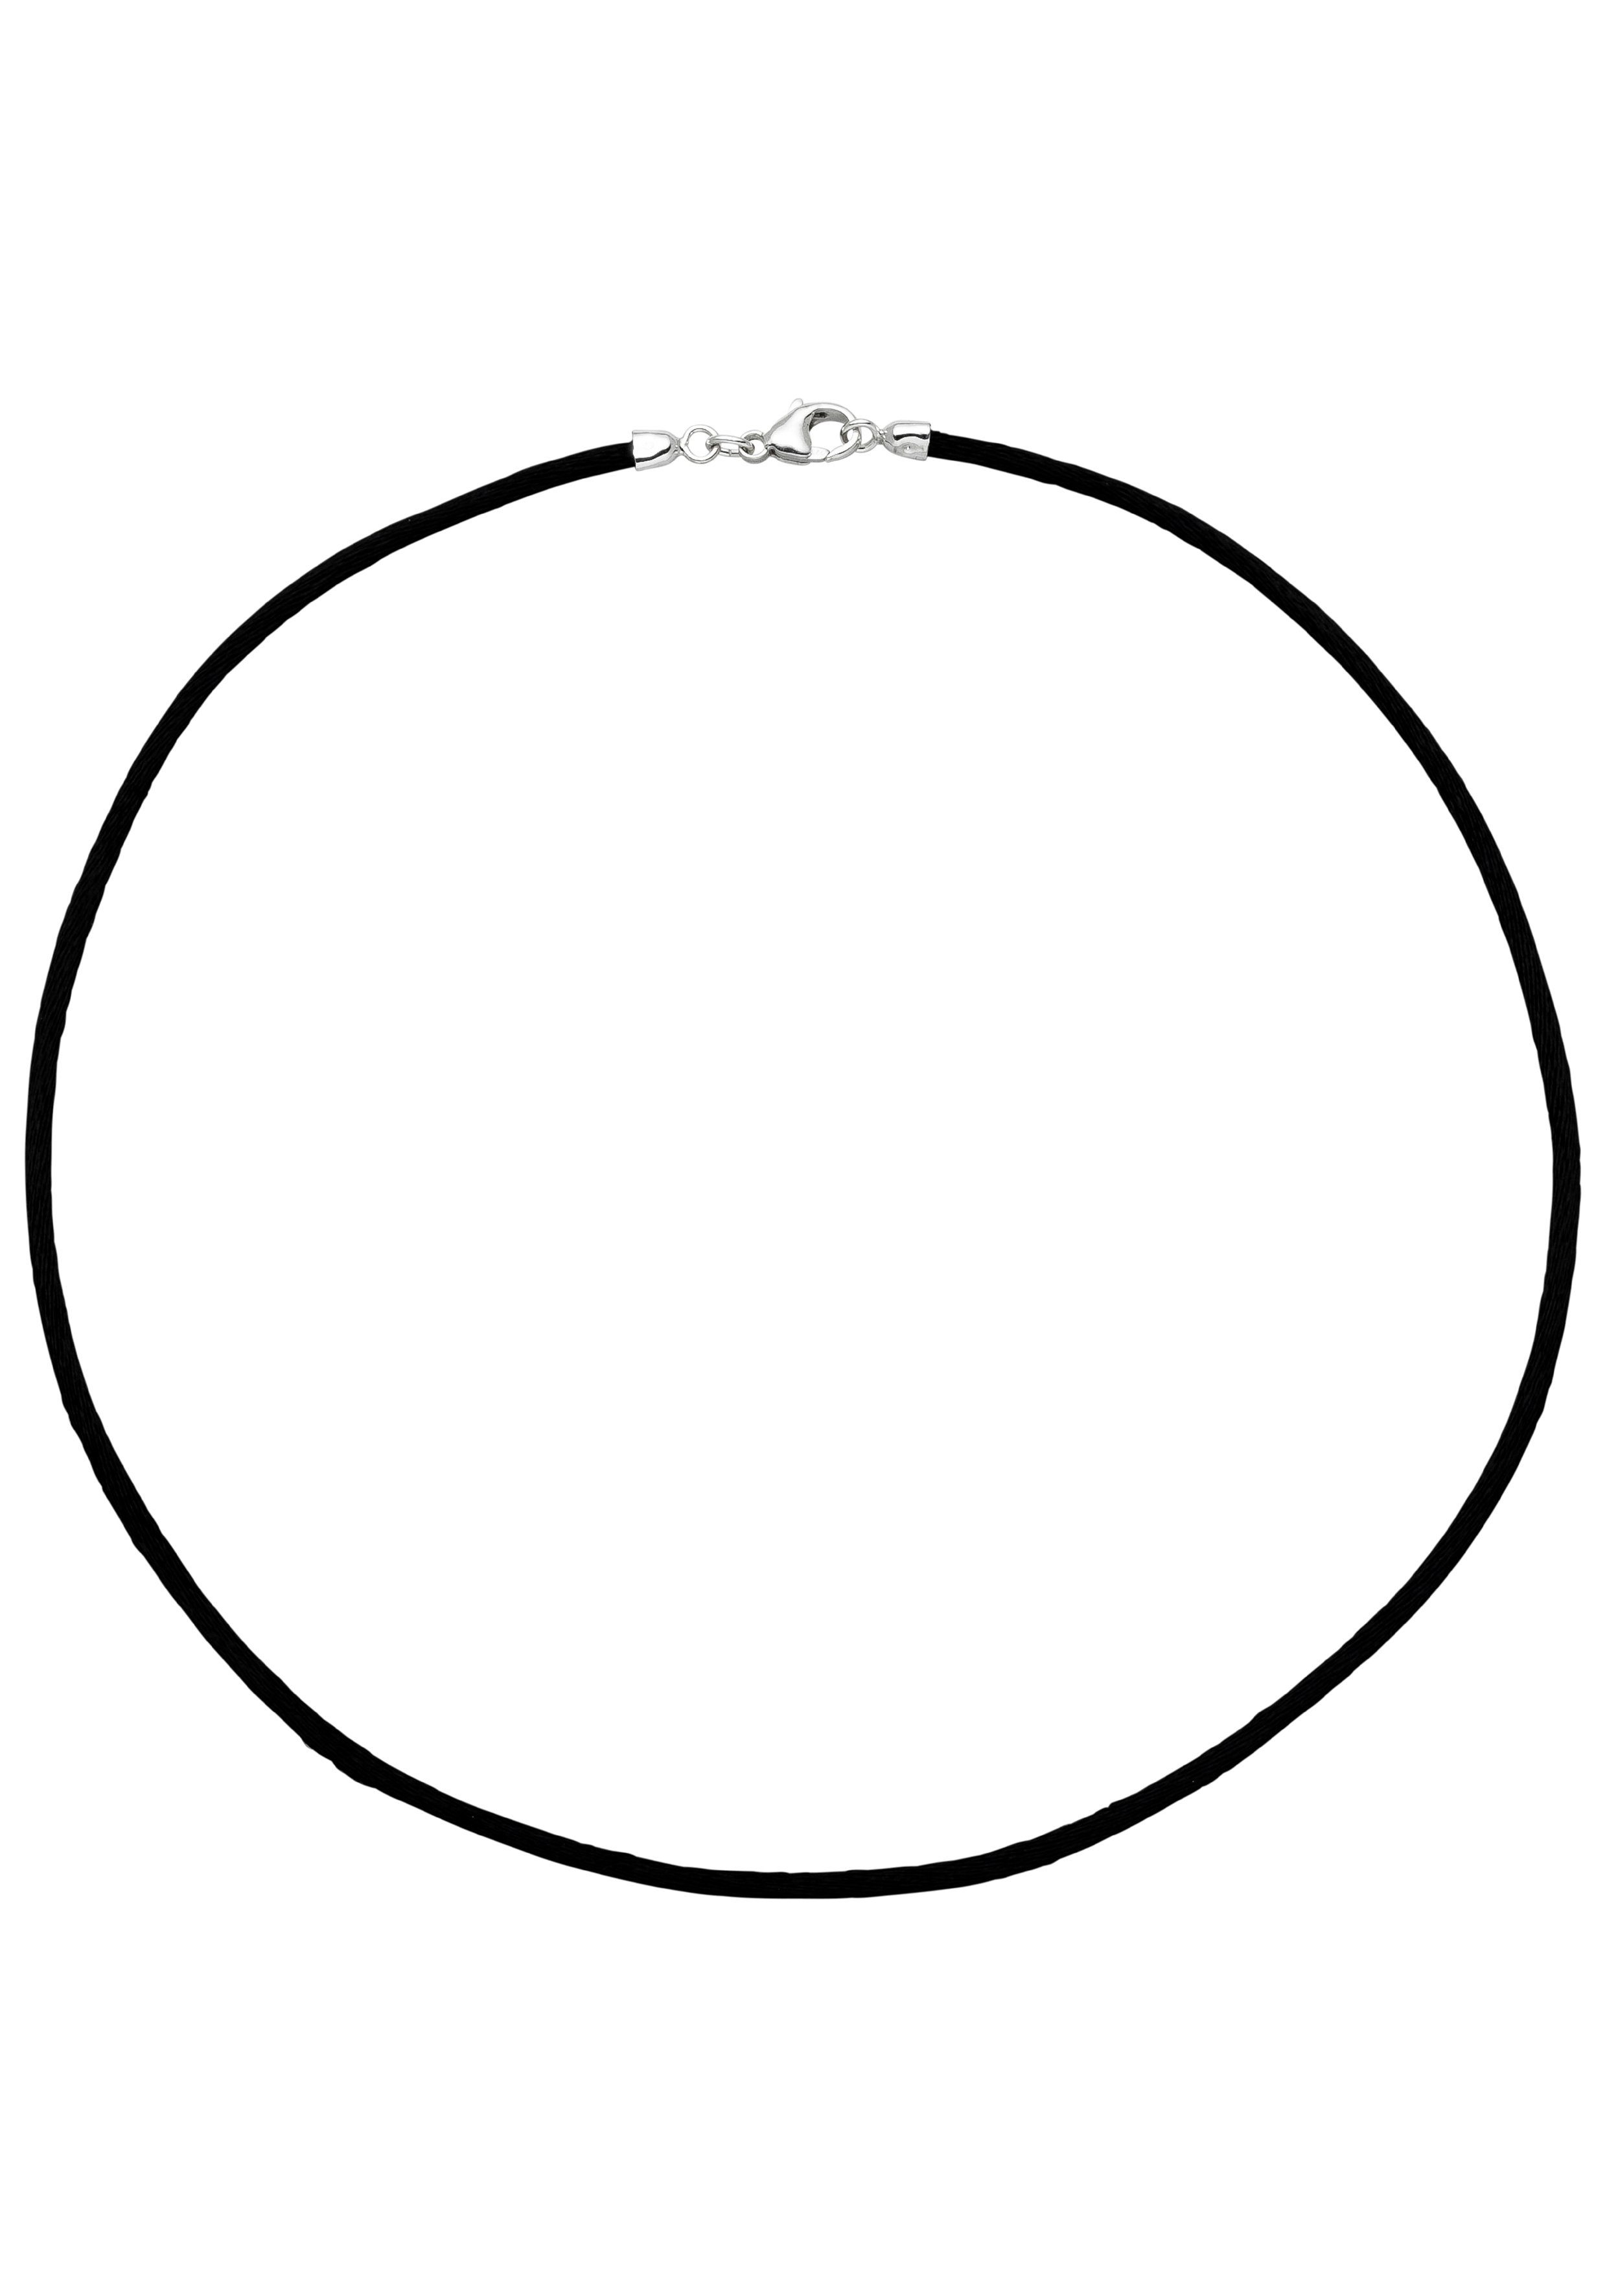 Anhänger 2 Jobo Online 42 Ohne Schwarz Kette Kaufen 8 Seidenkette Mm Cm lKuT3JF1c